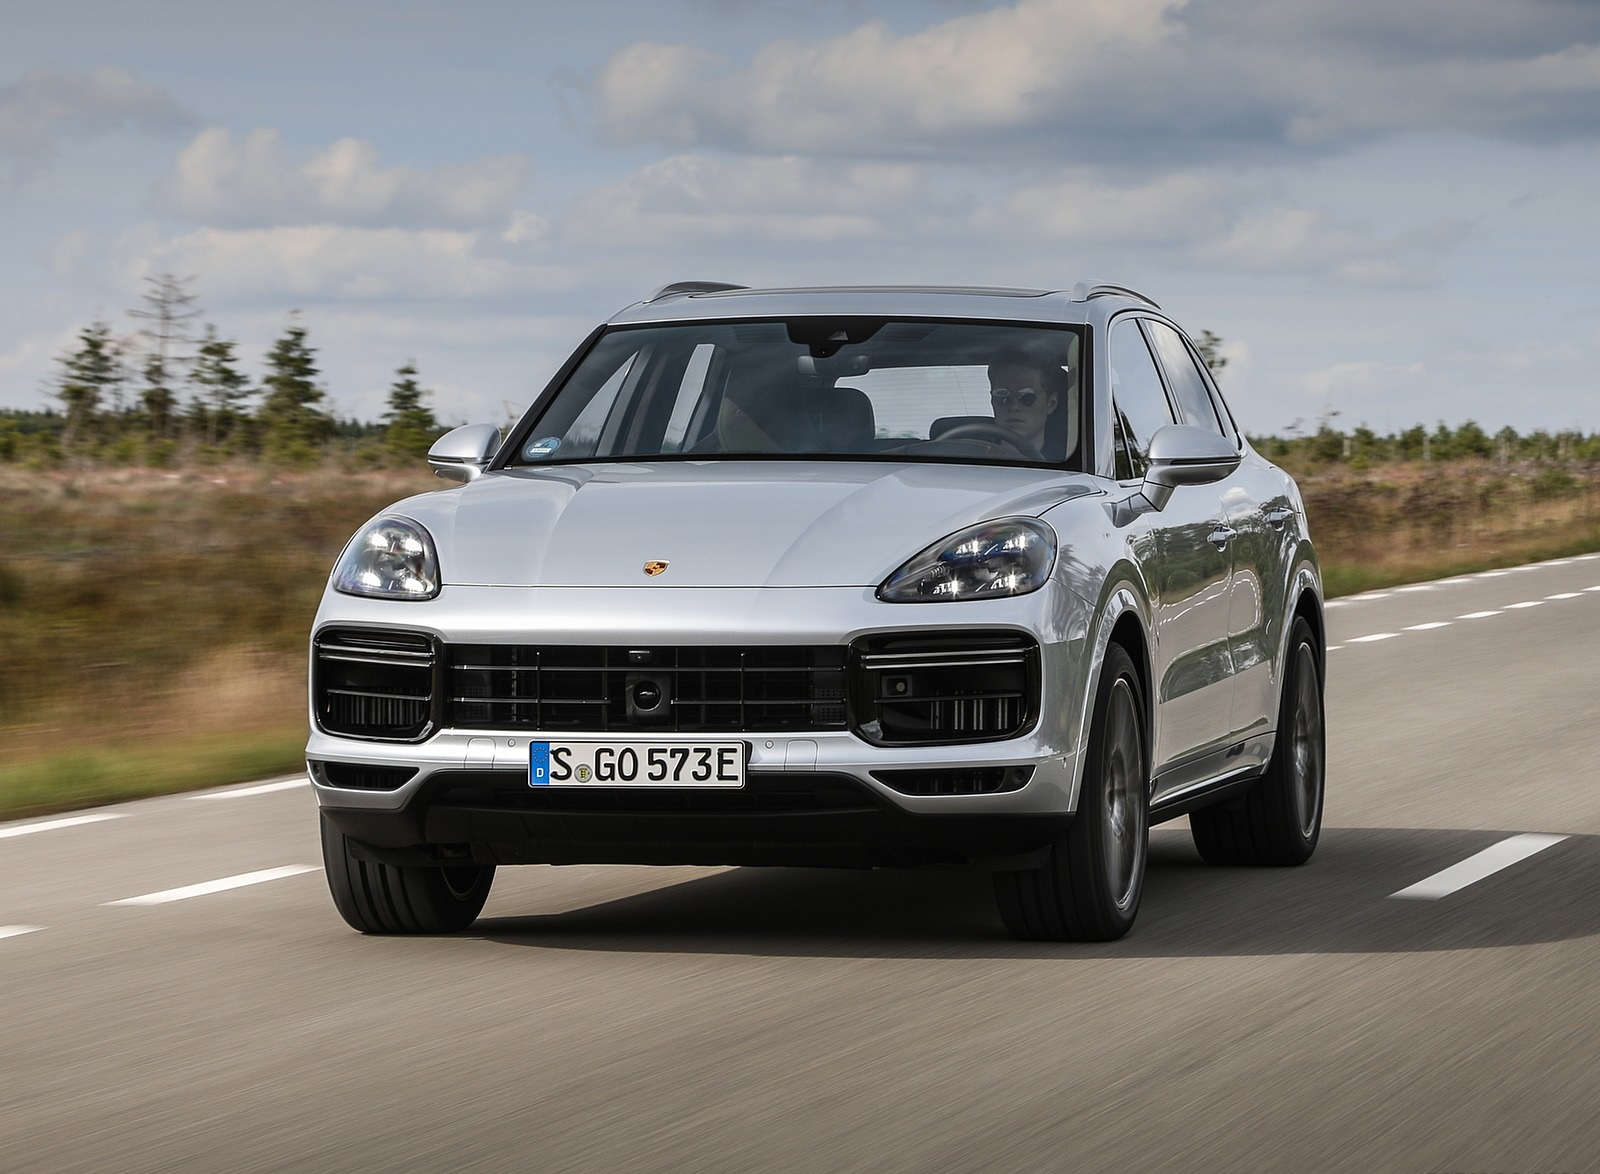 2020 Porsche Cayenne Turbo S Engine